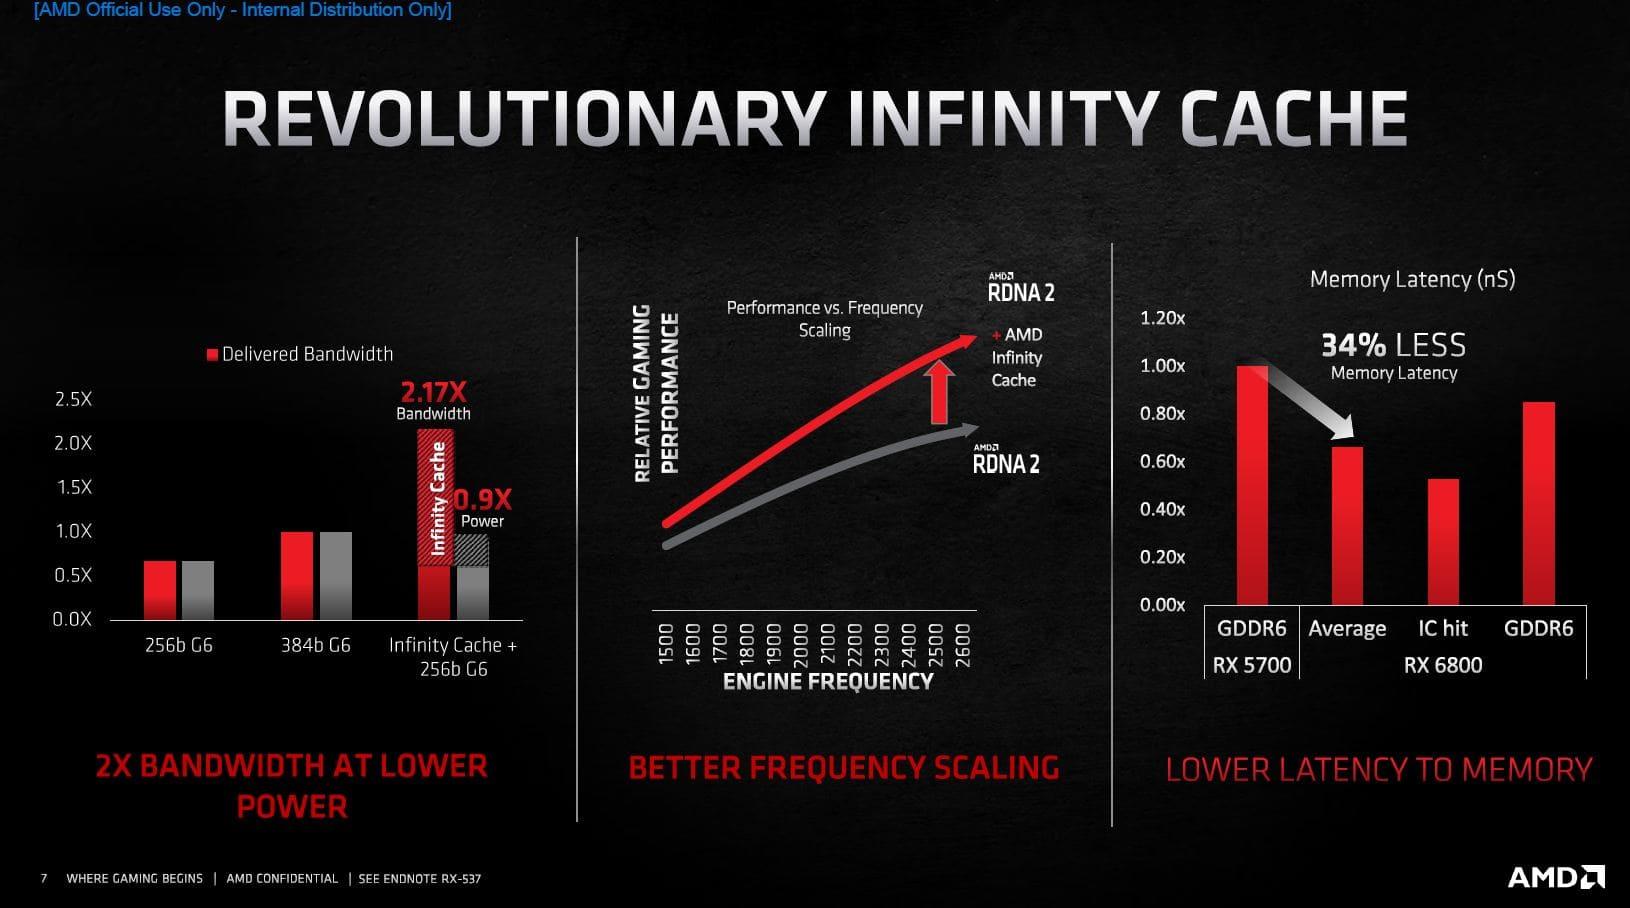 شركة AMD تكشف عن معمارية RDNA 2 و توفر بطاقات RX 6000 بشكل رسمي